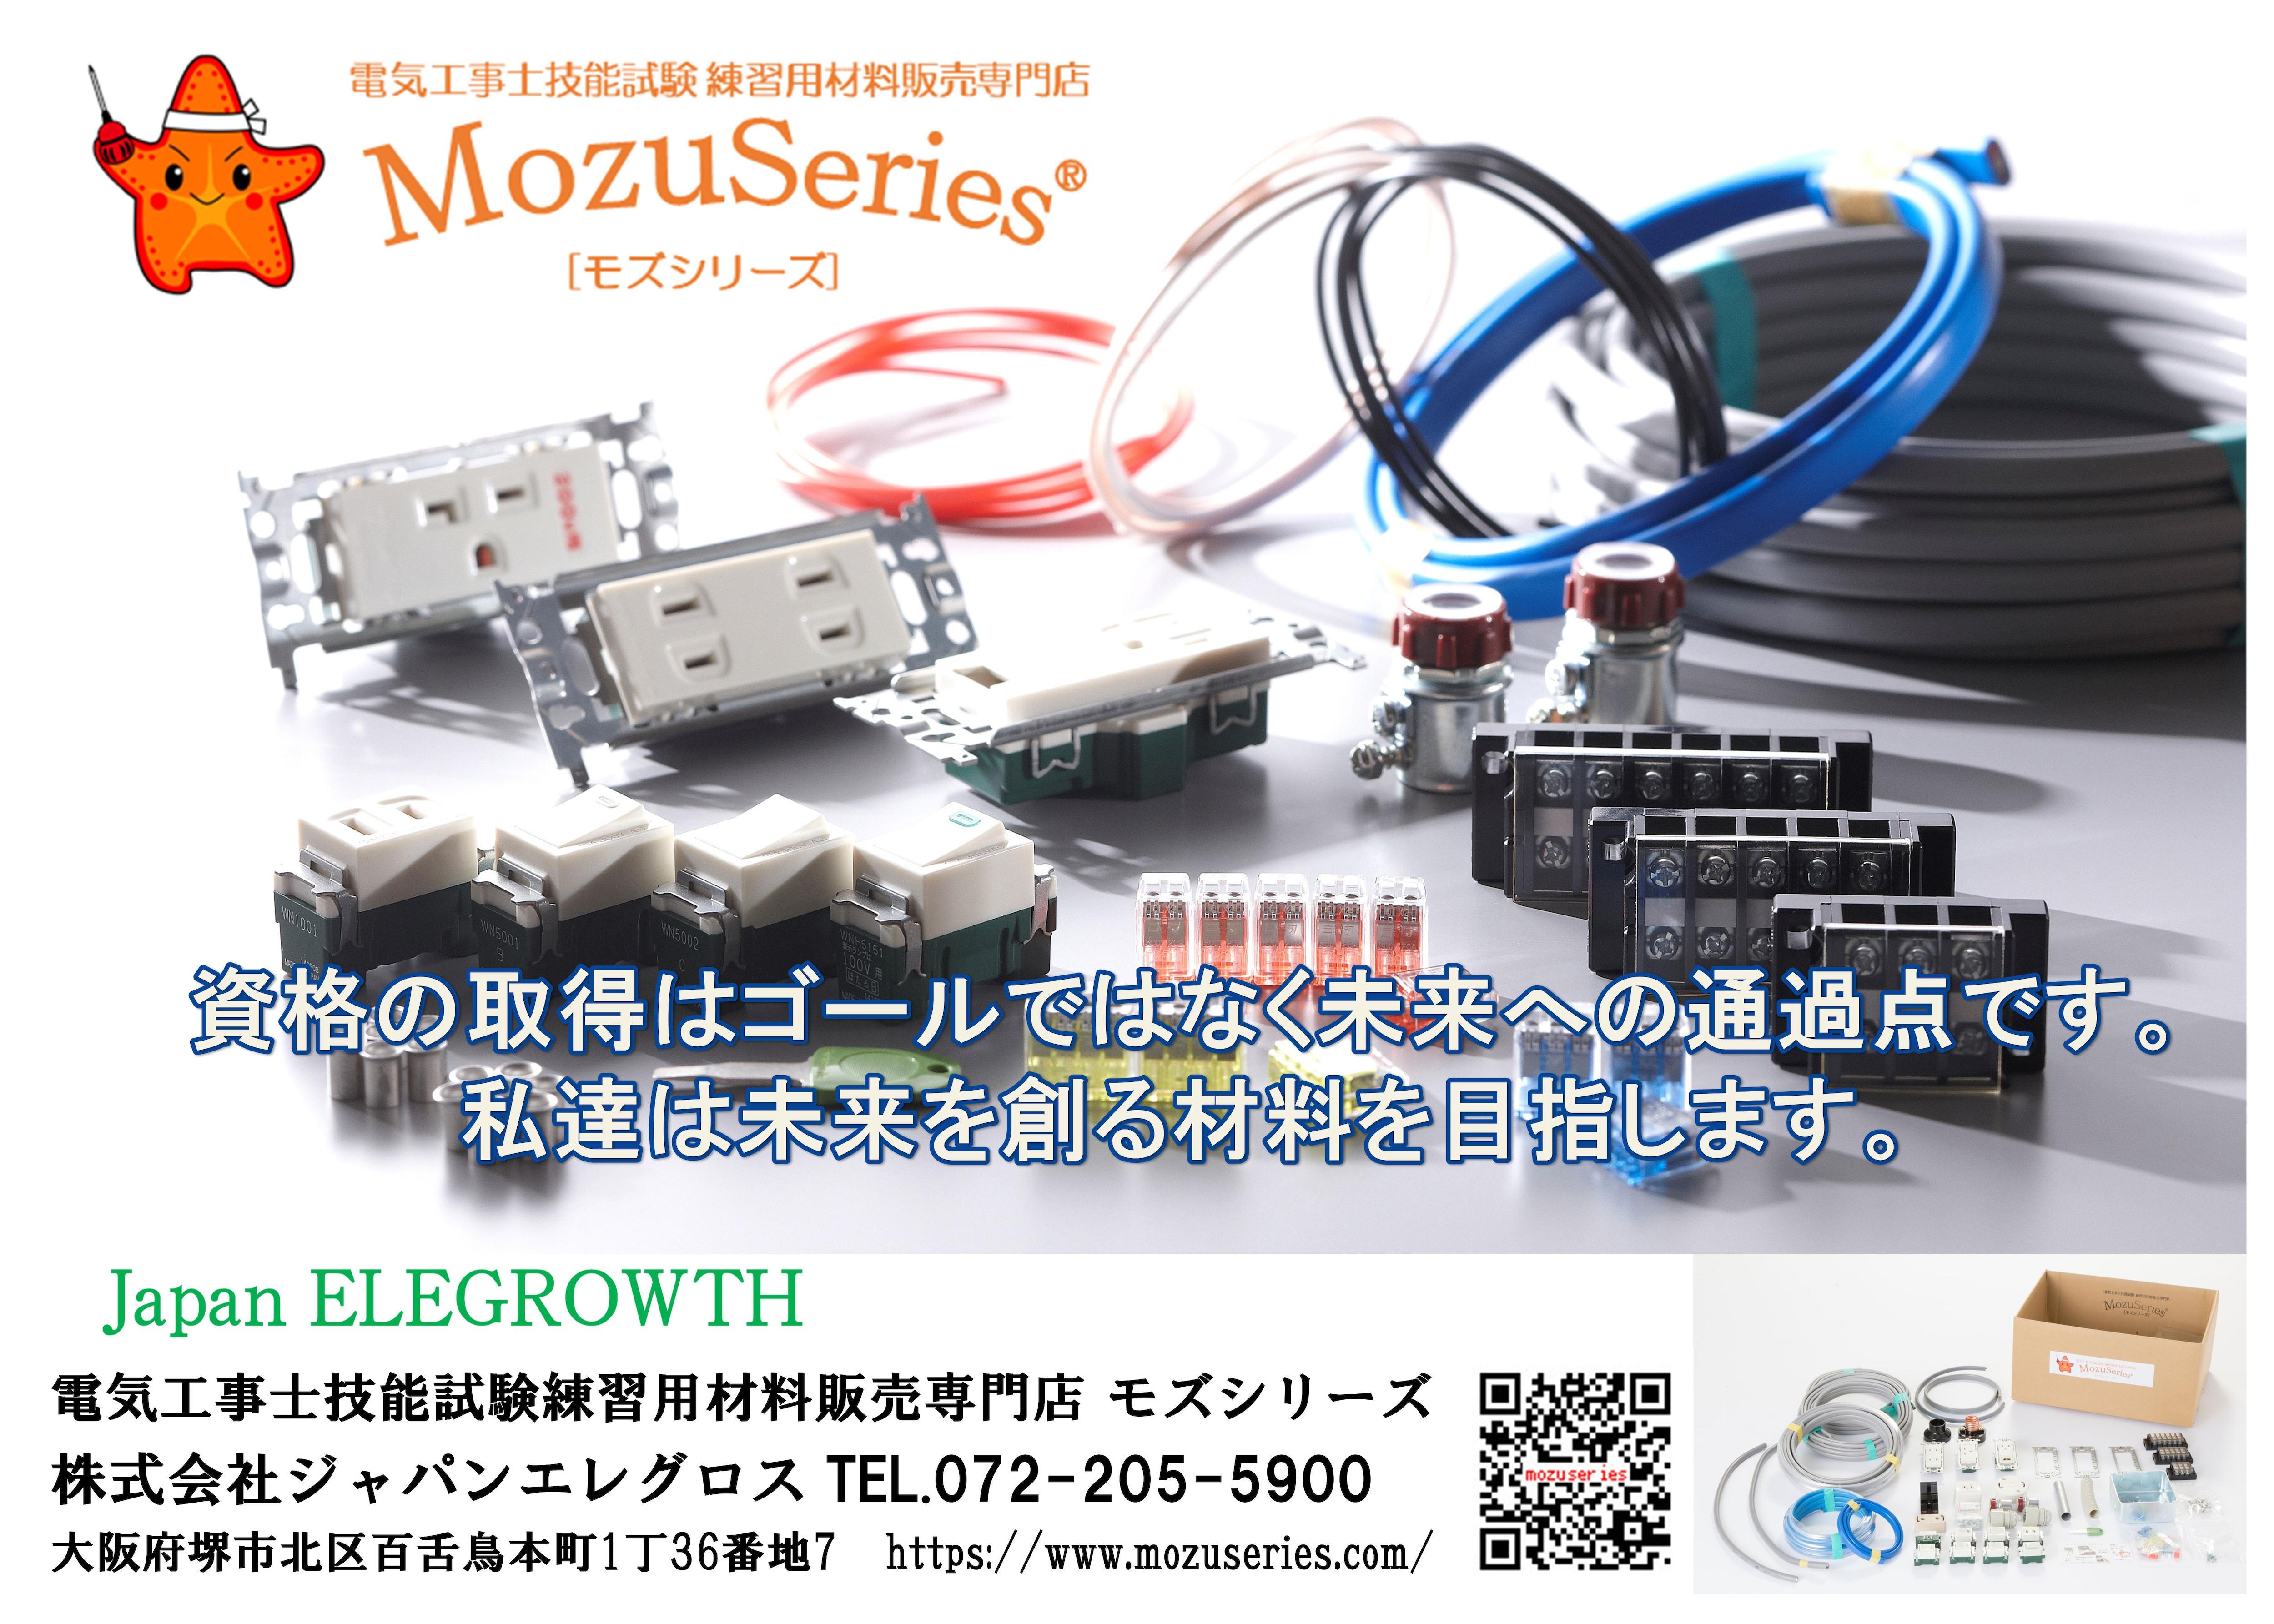 モズシリーズ・コンセプトイラスト1